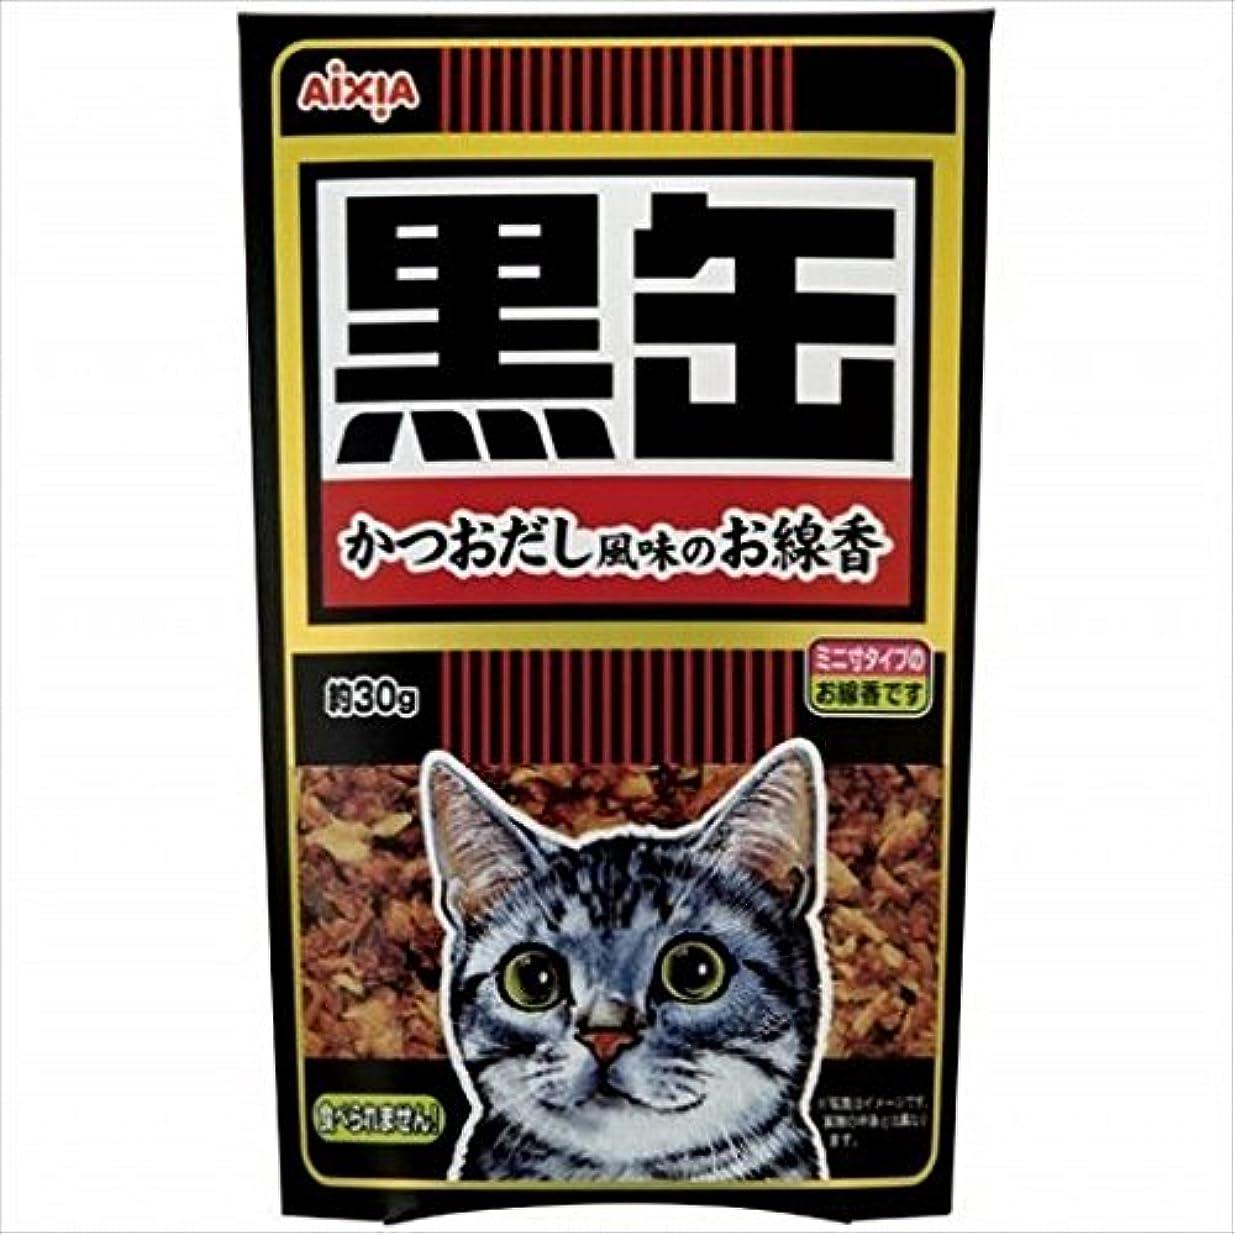 排気年金受給者ほとんどの場合kameyama candle(カメヤマキャンドル) 黒缶 線香 (23040000)